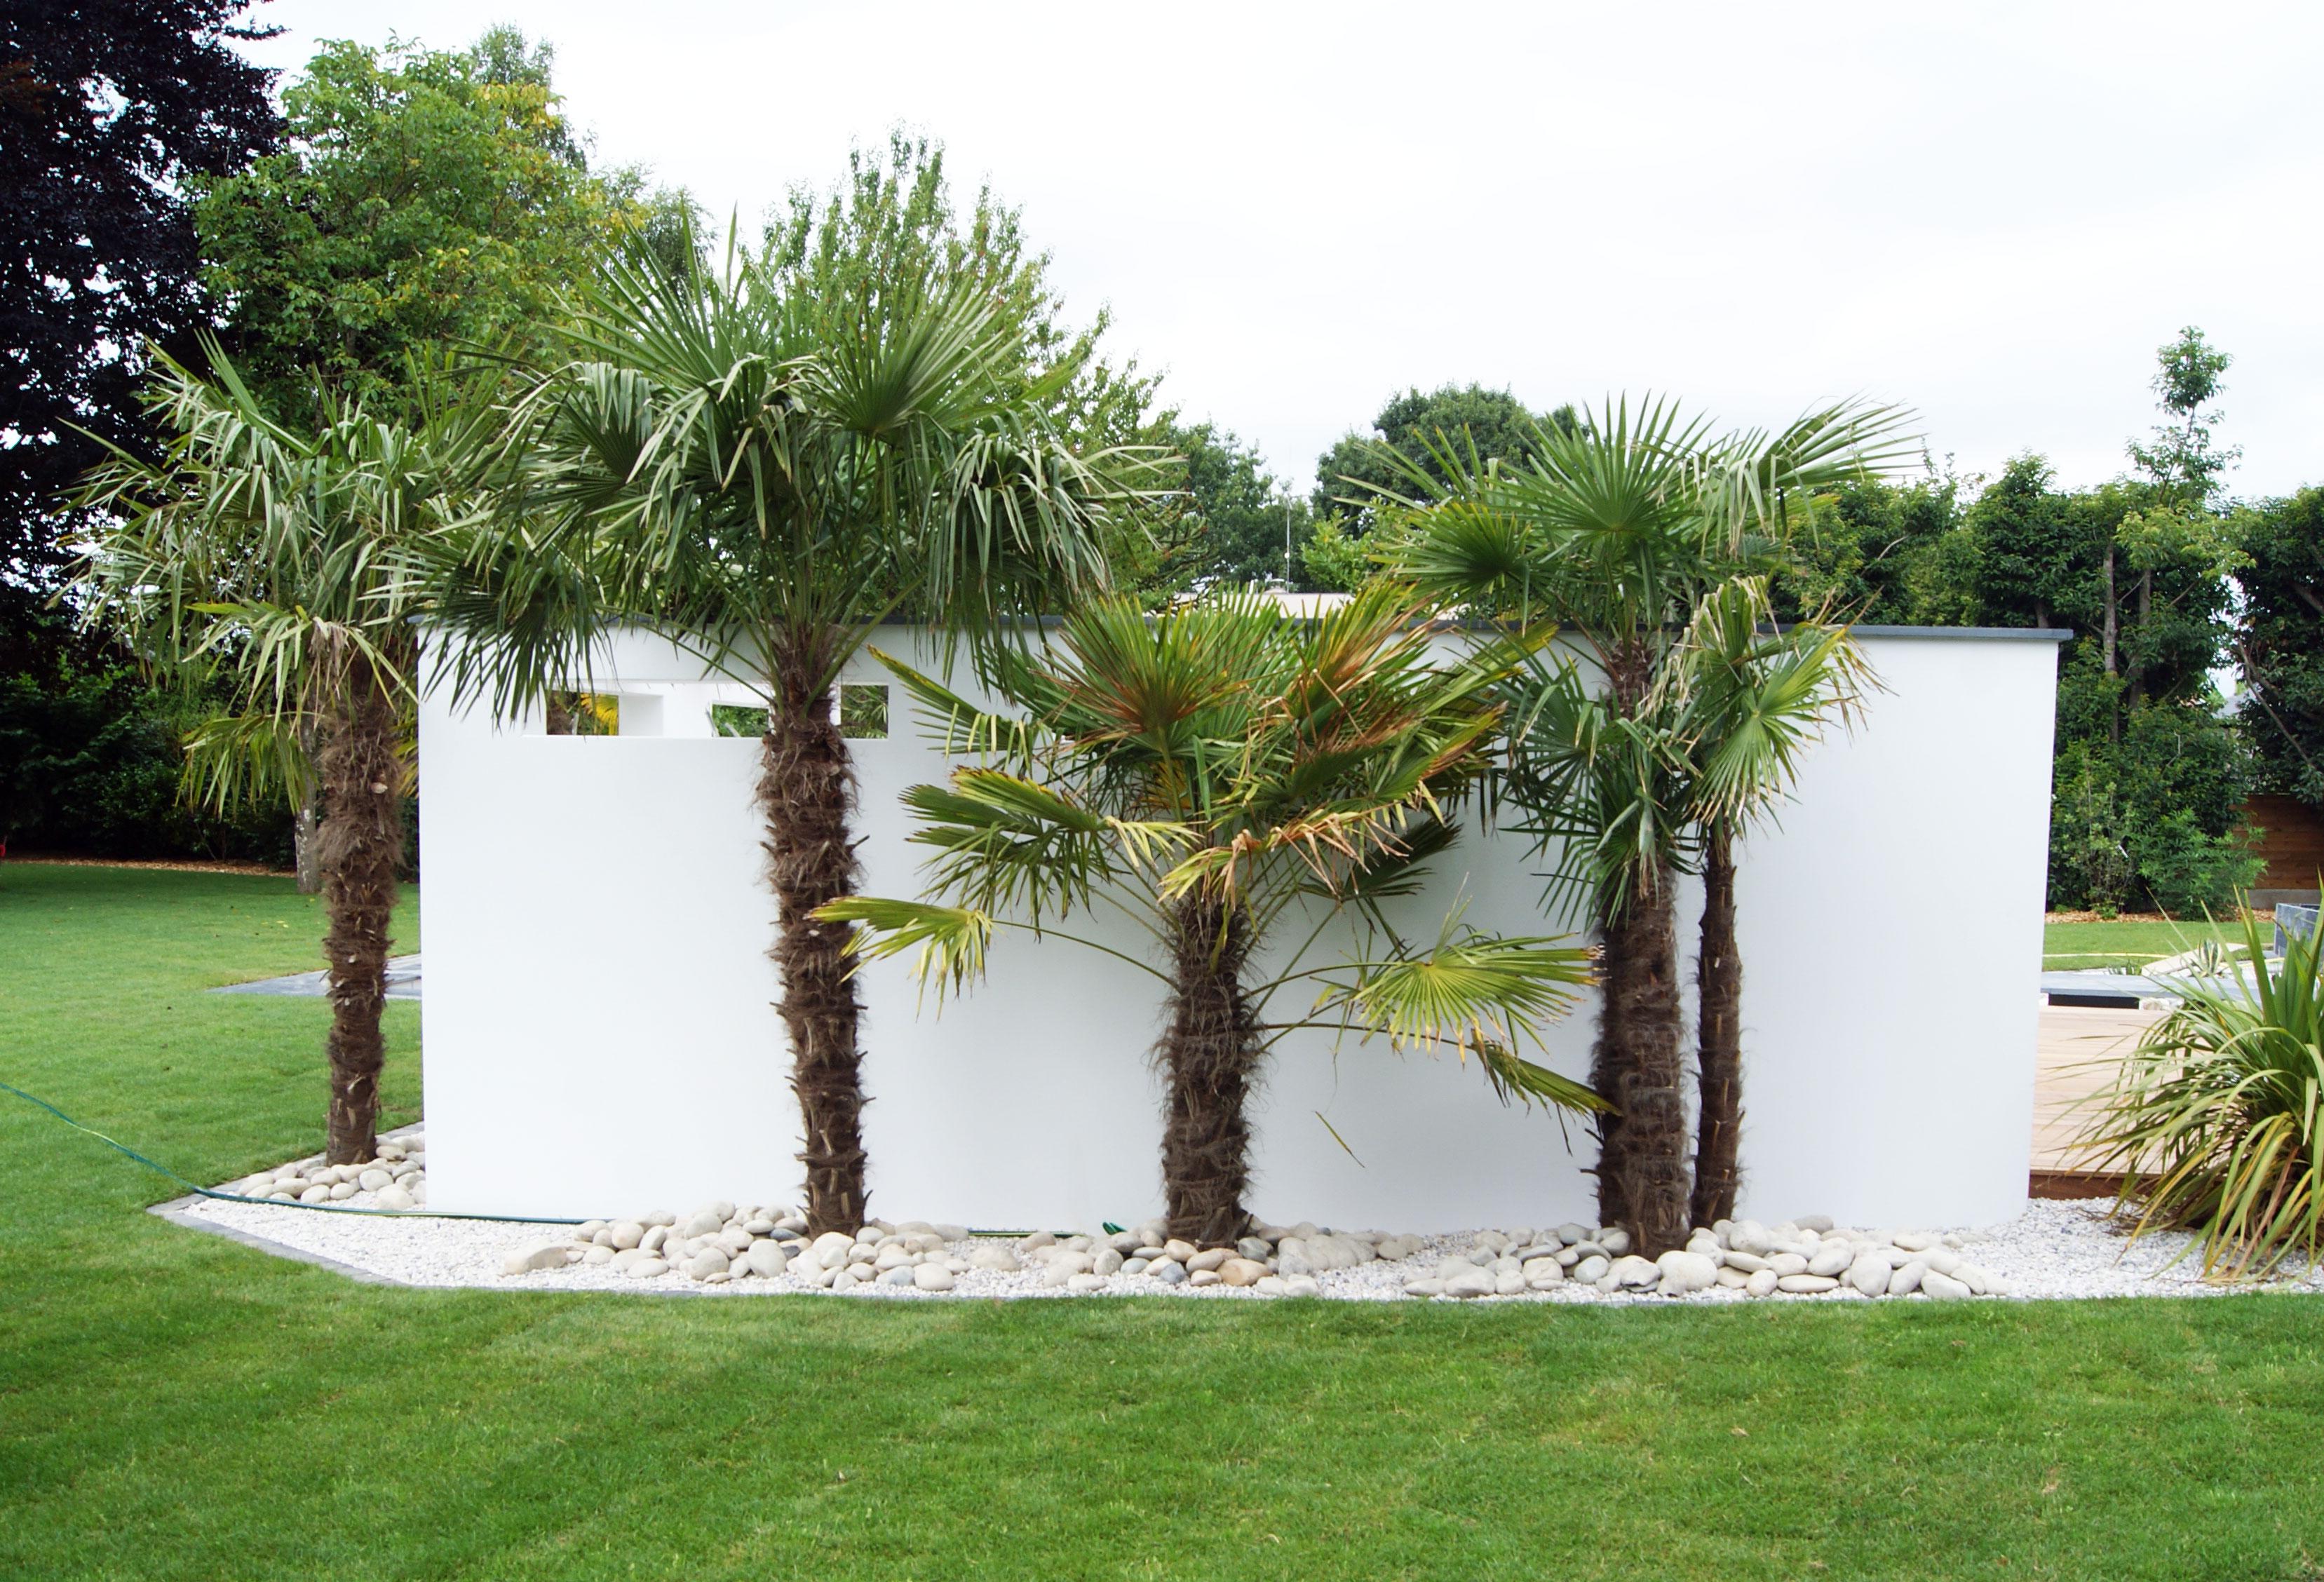 Massif exotique. Palmier. Jardin Exotique. Jardin Contemporain. Abords piscines. Jardins des 4 Saisons. Guer, Ploërmel, Redon, Plélan-Le-Grand, Maure de Bretagne